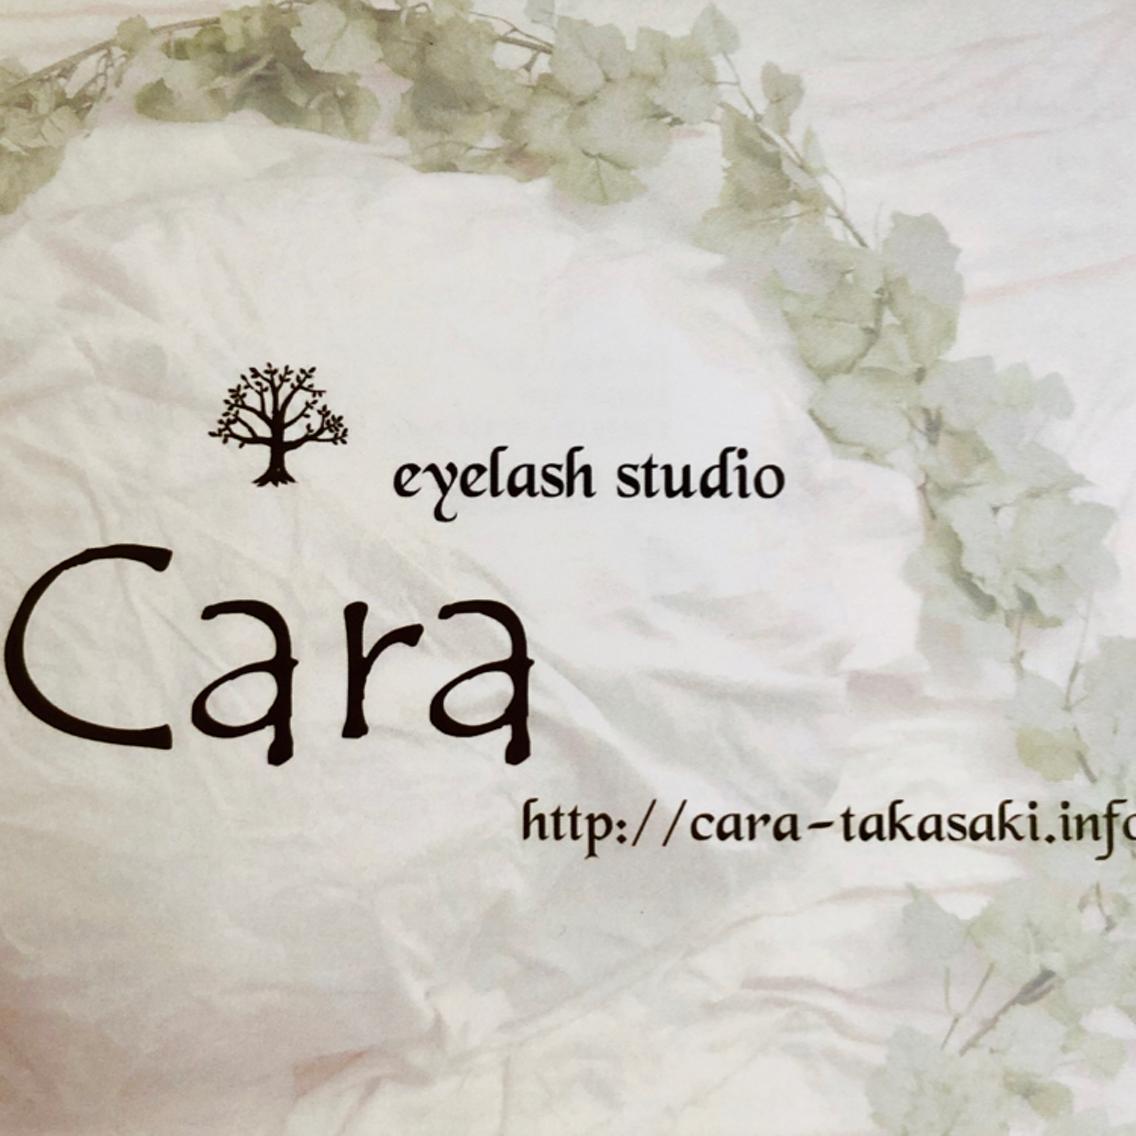 caraanno所属・Cara iwasakiの掲載